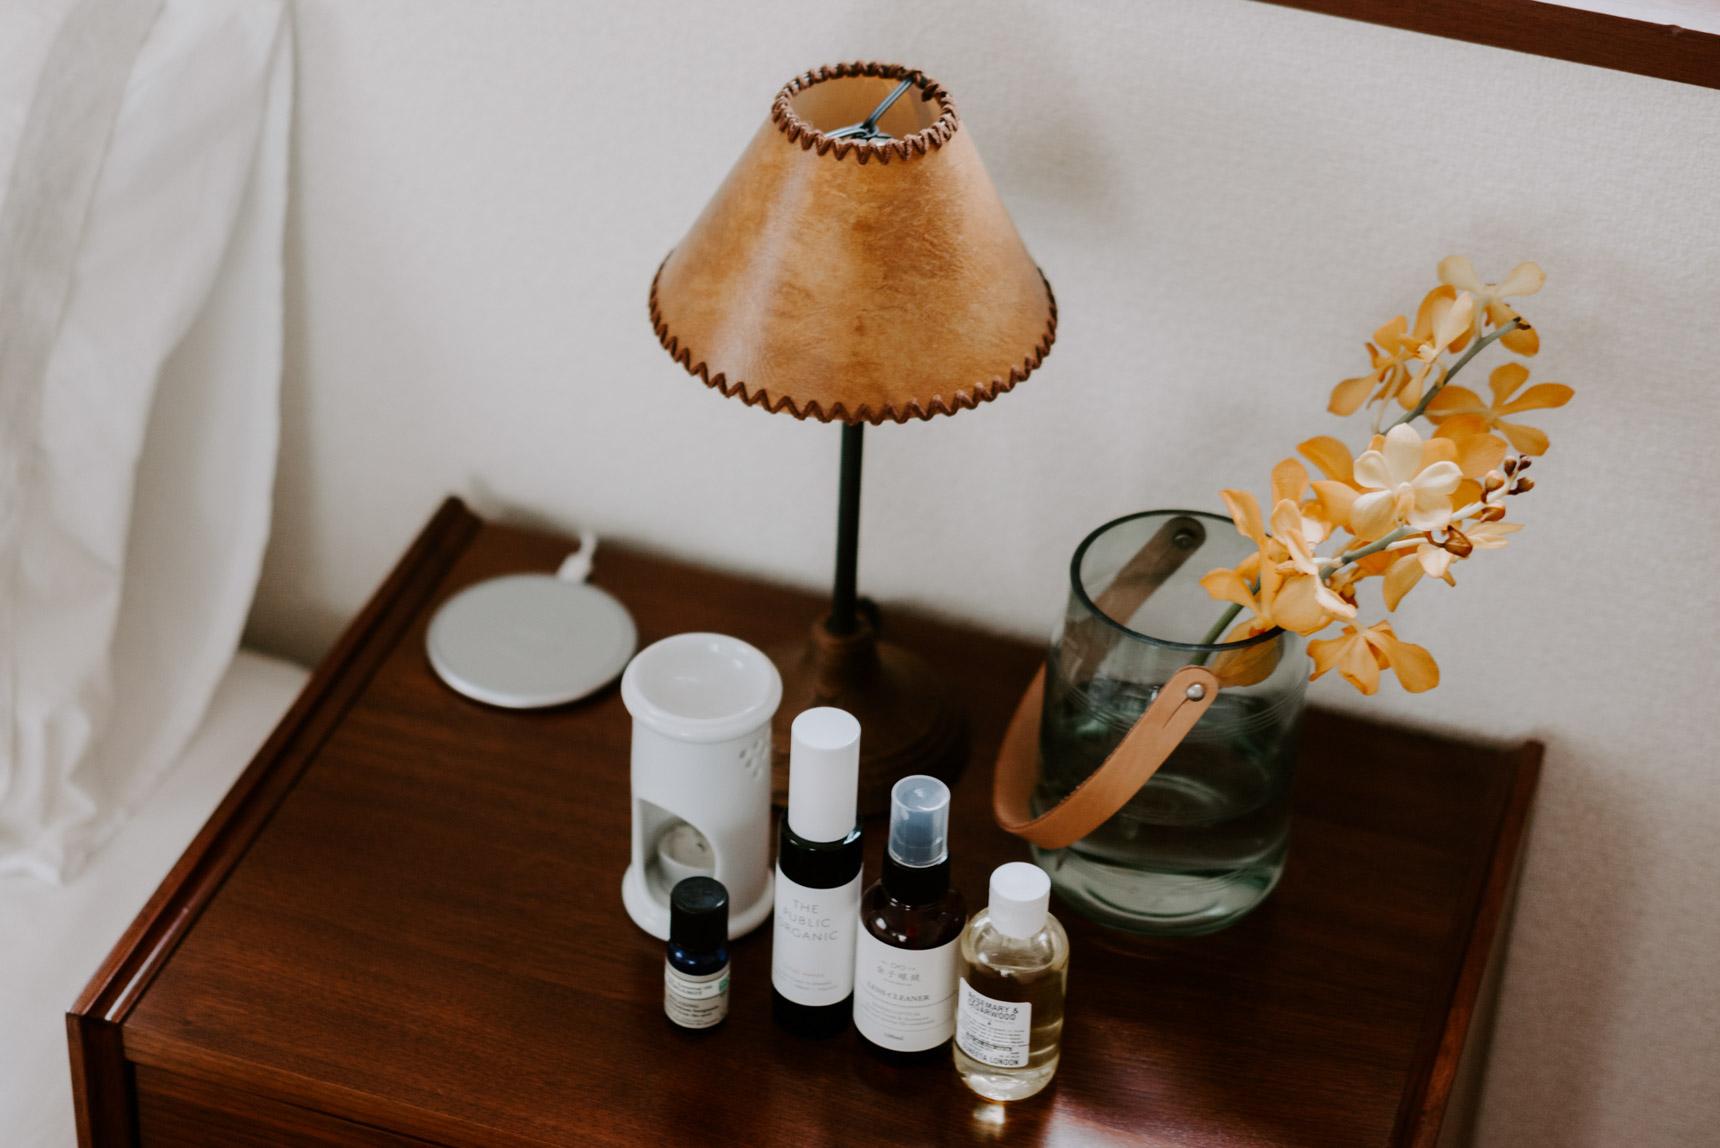 ランプがお好きというMaiさん、お部屋のポイントとなる場所に、それぞれ印象的な形のものが置かれていました。ACME furnitureや、TRUCK furnitureで買ったものが多いということ。